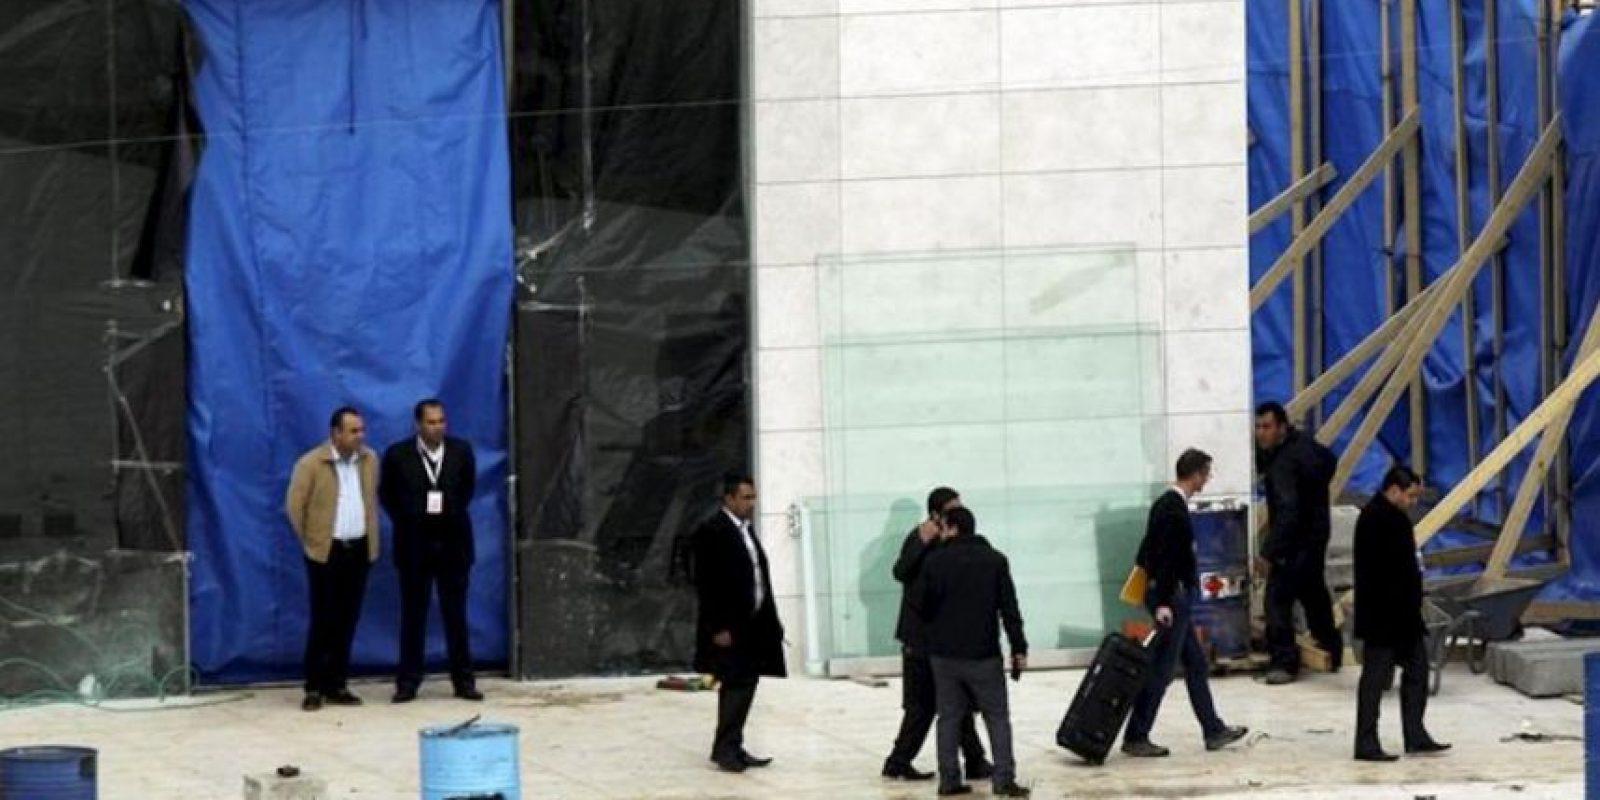 Un hombre (3º dcha), que pudiera ser uno de los investigadores internacionales, carga con una maleta en el mausoleo del que fuera líder palestino Yaser Arafat en Ramala (Cisjordania). EFE